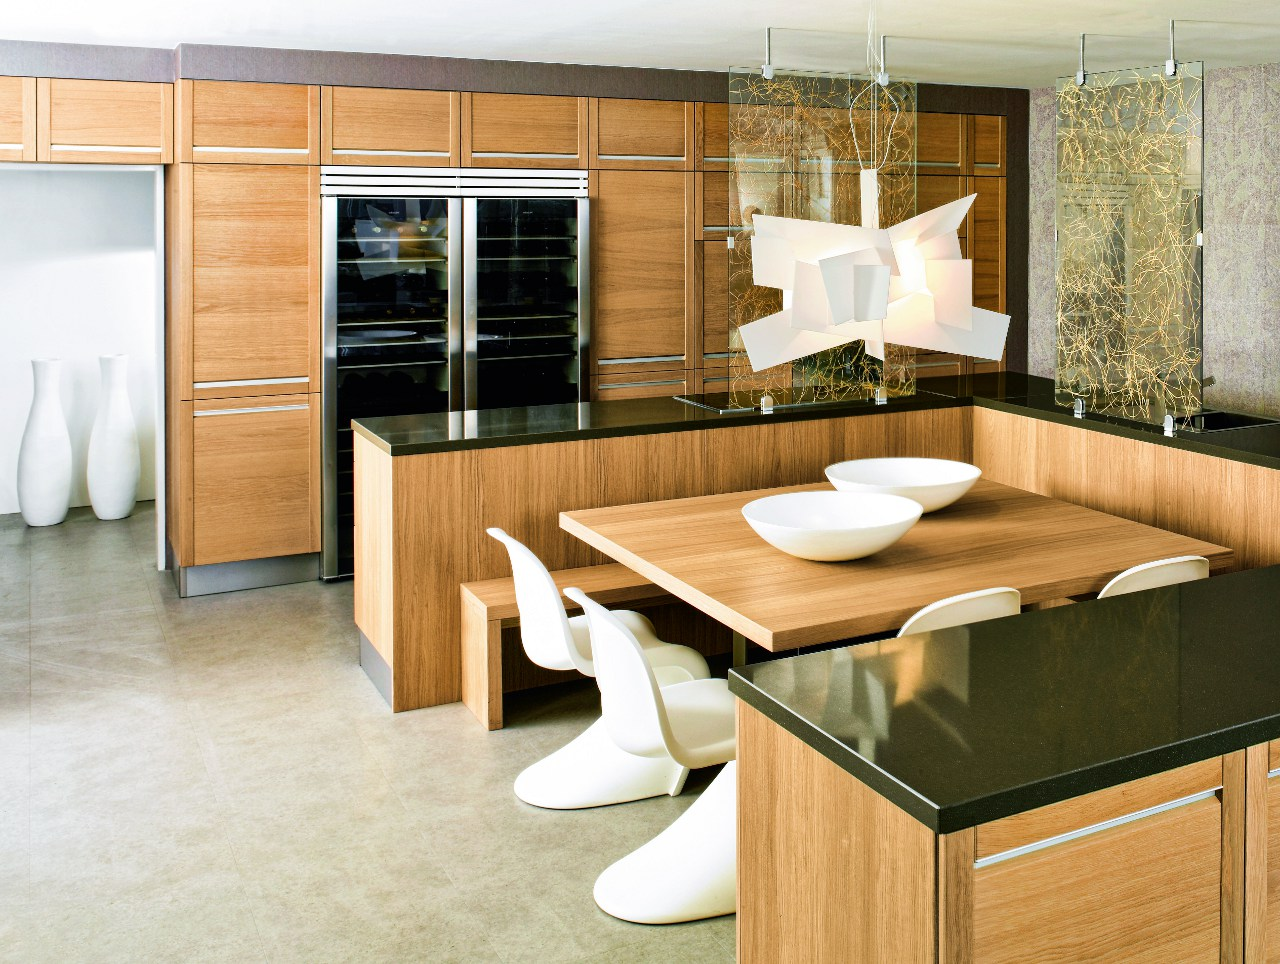 Küchen mit sitzgelegenheit  Schreinerküchen - Alles über Schreinerküchen